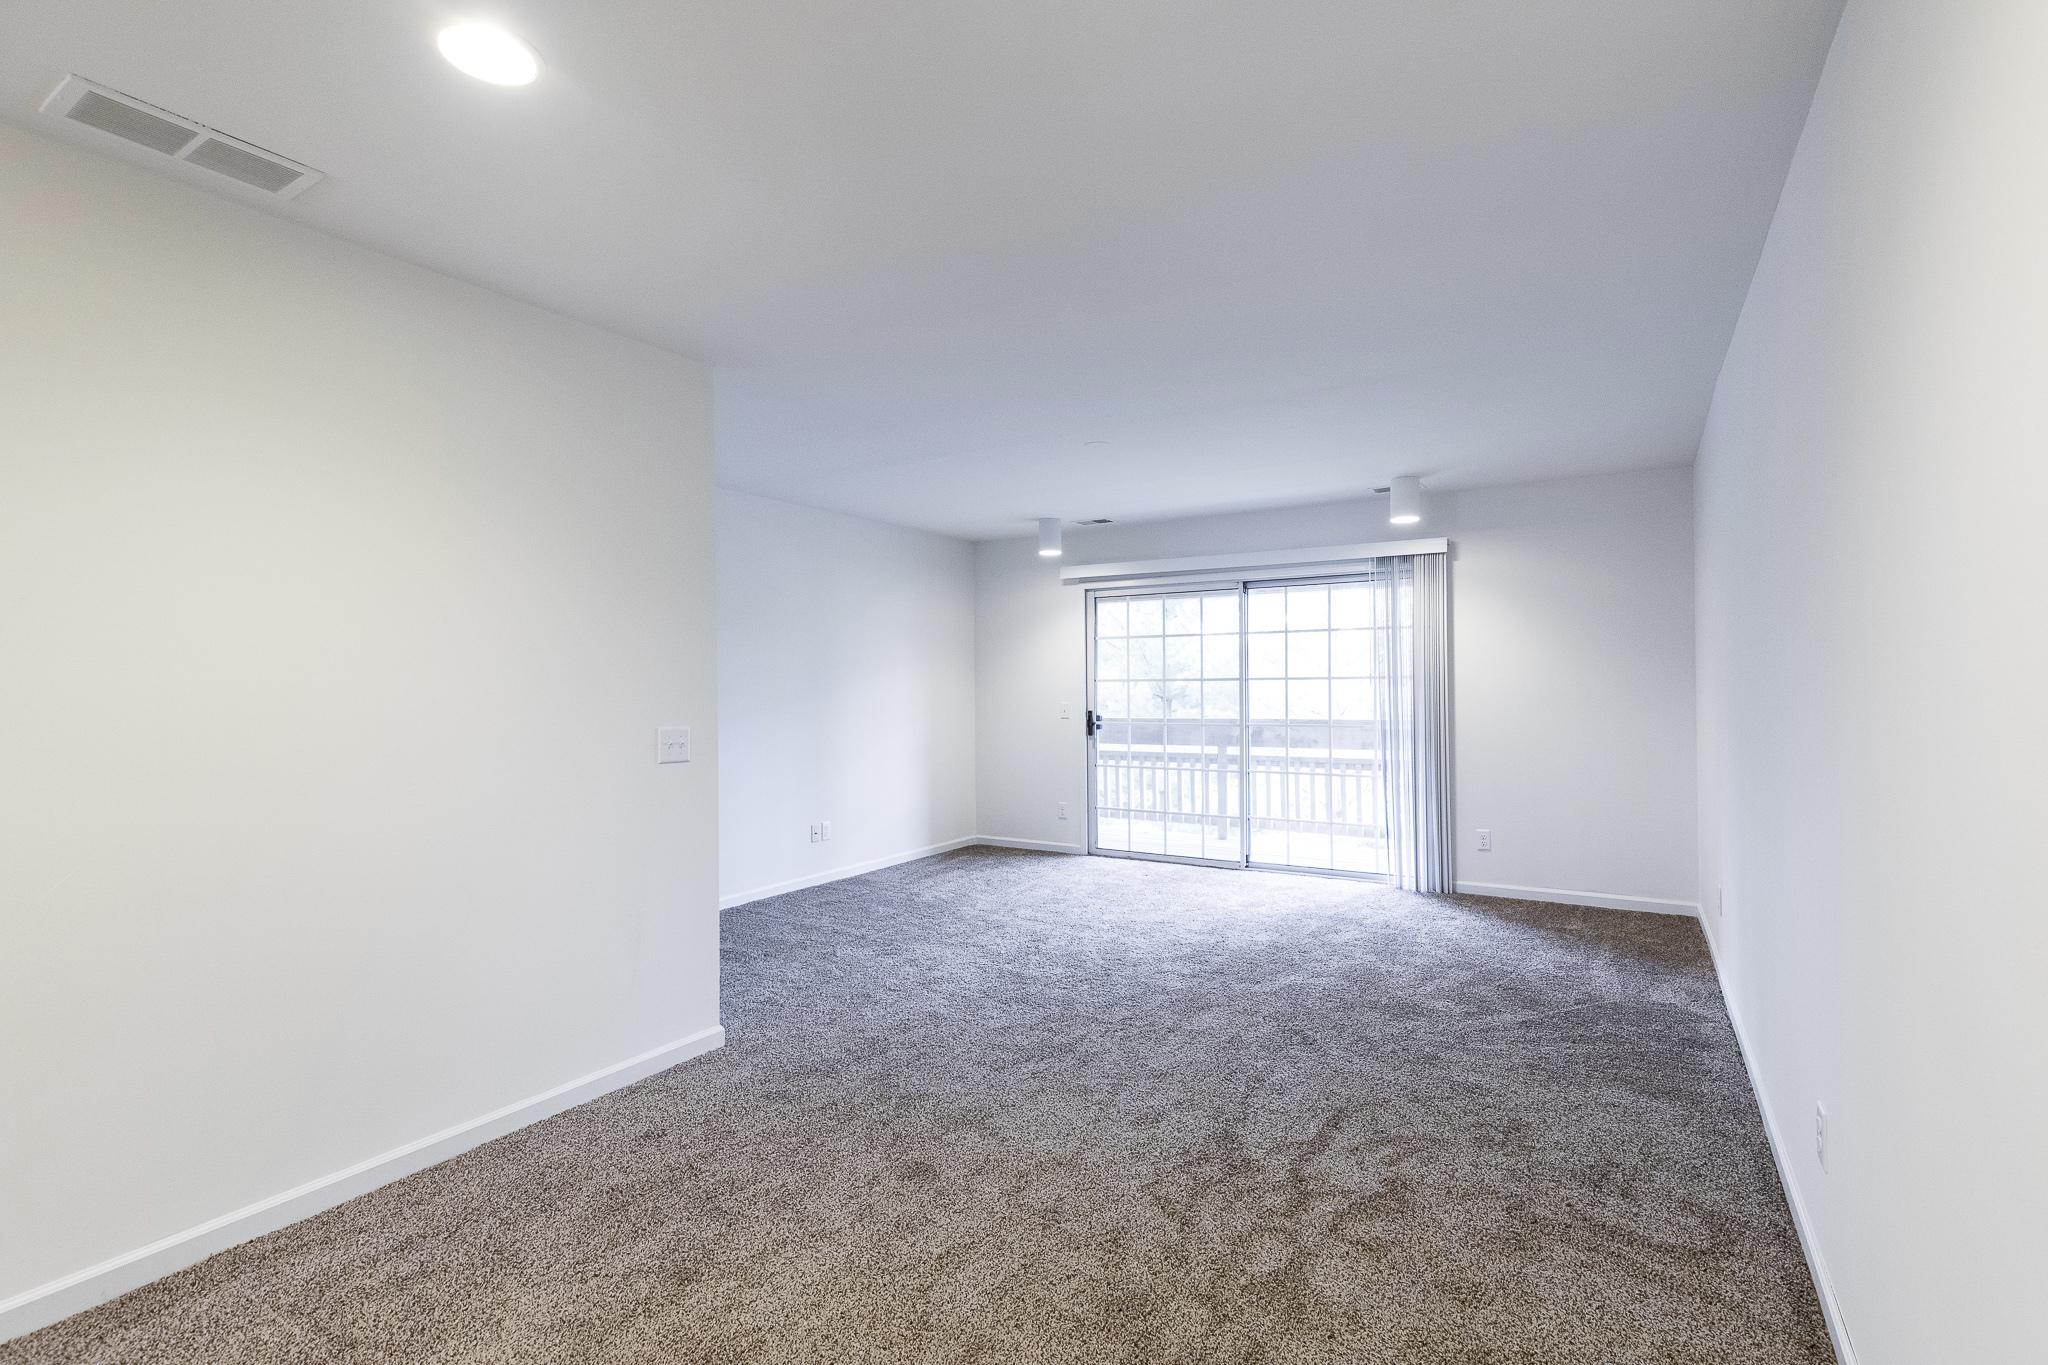 interior36.jpg